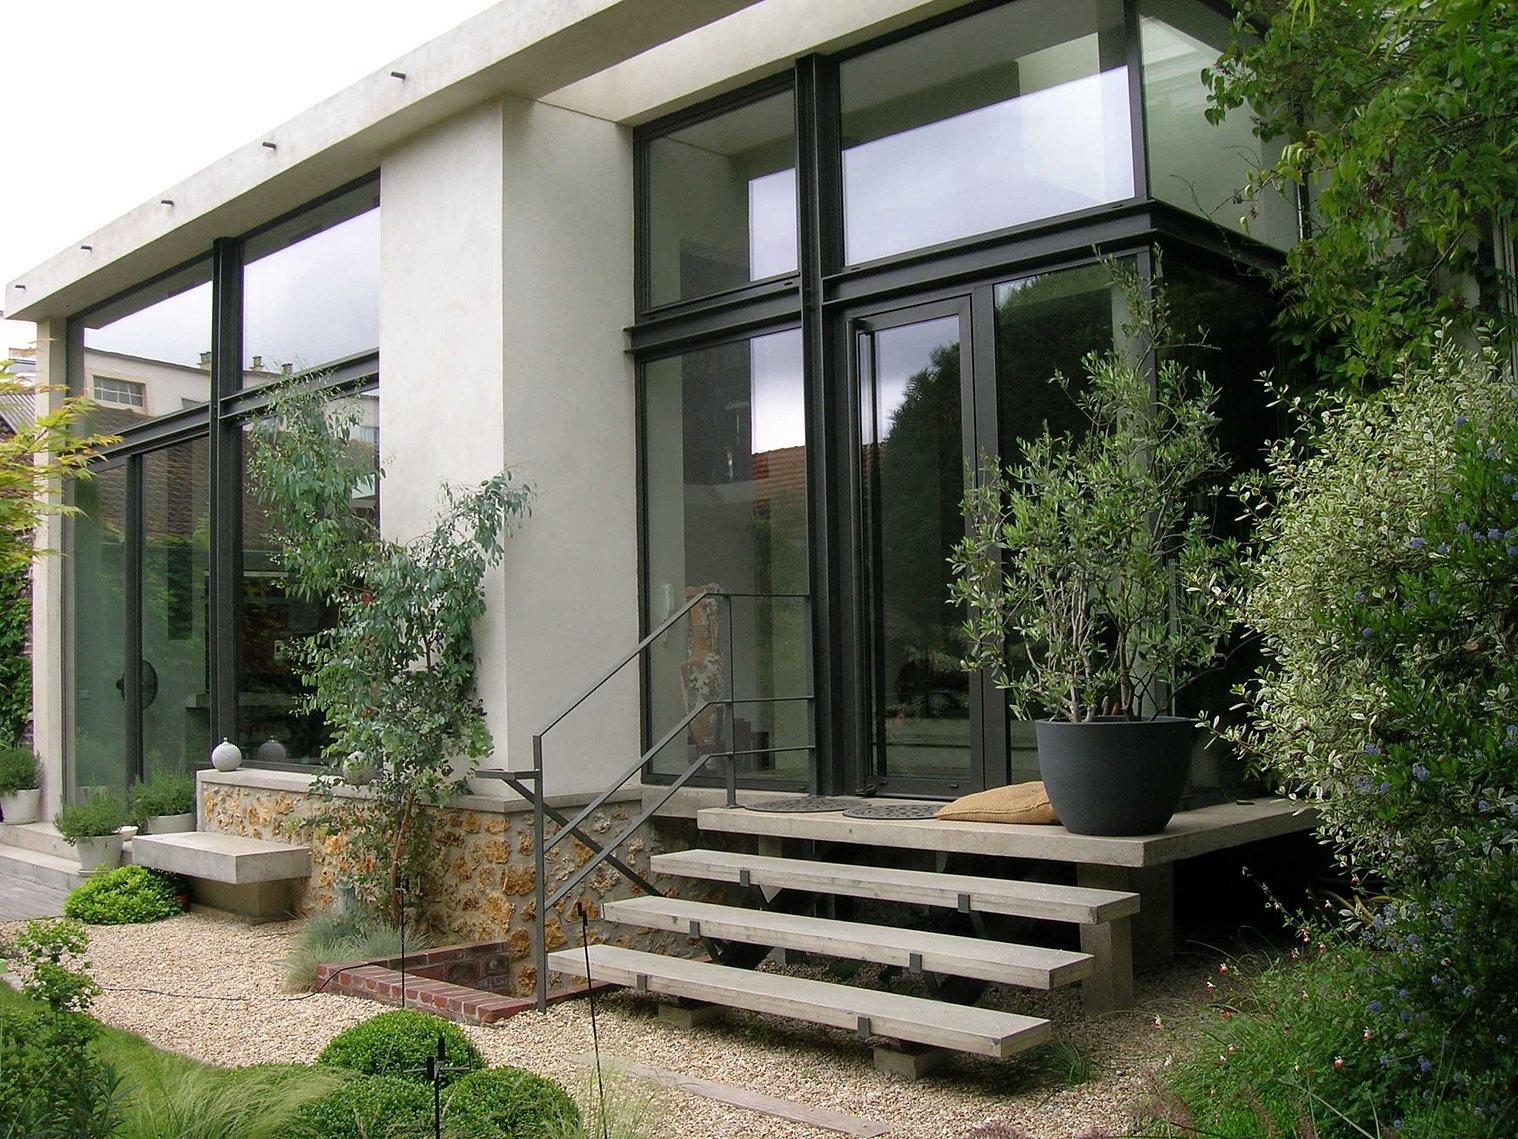 Miroiterie dewerpe fermetures miroiterie pour architectes et h tels - Franck salama ...